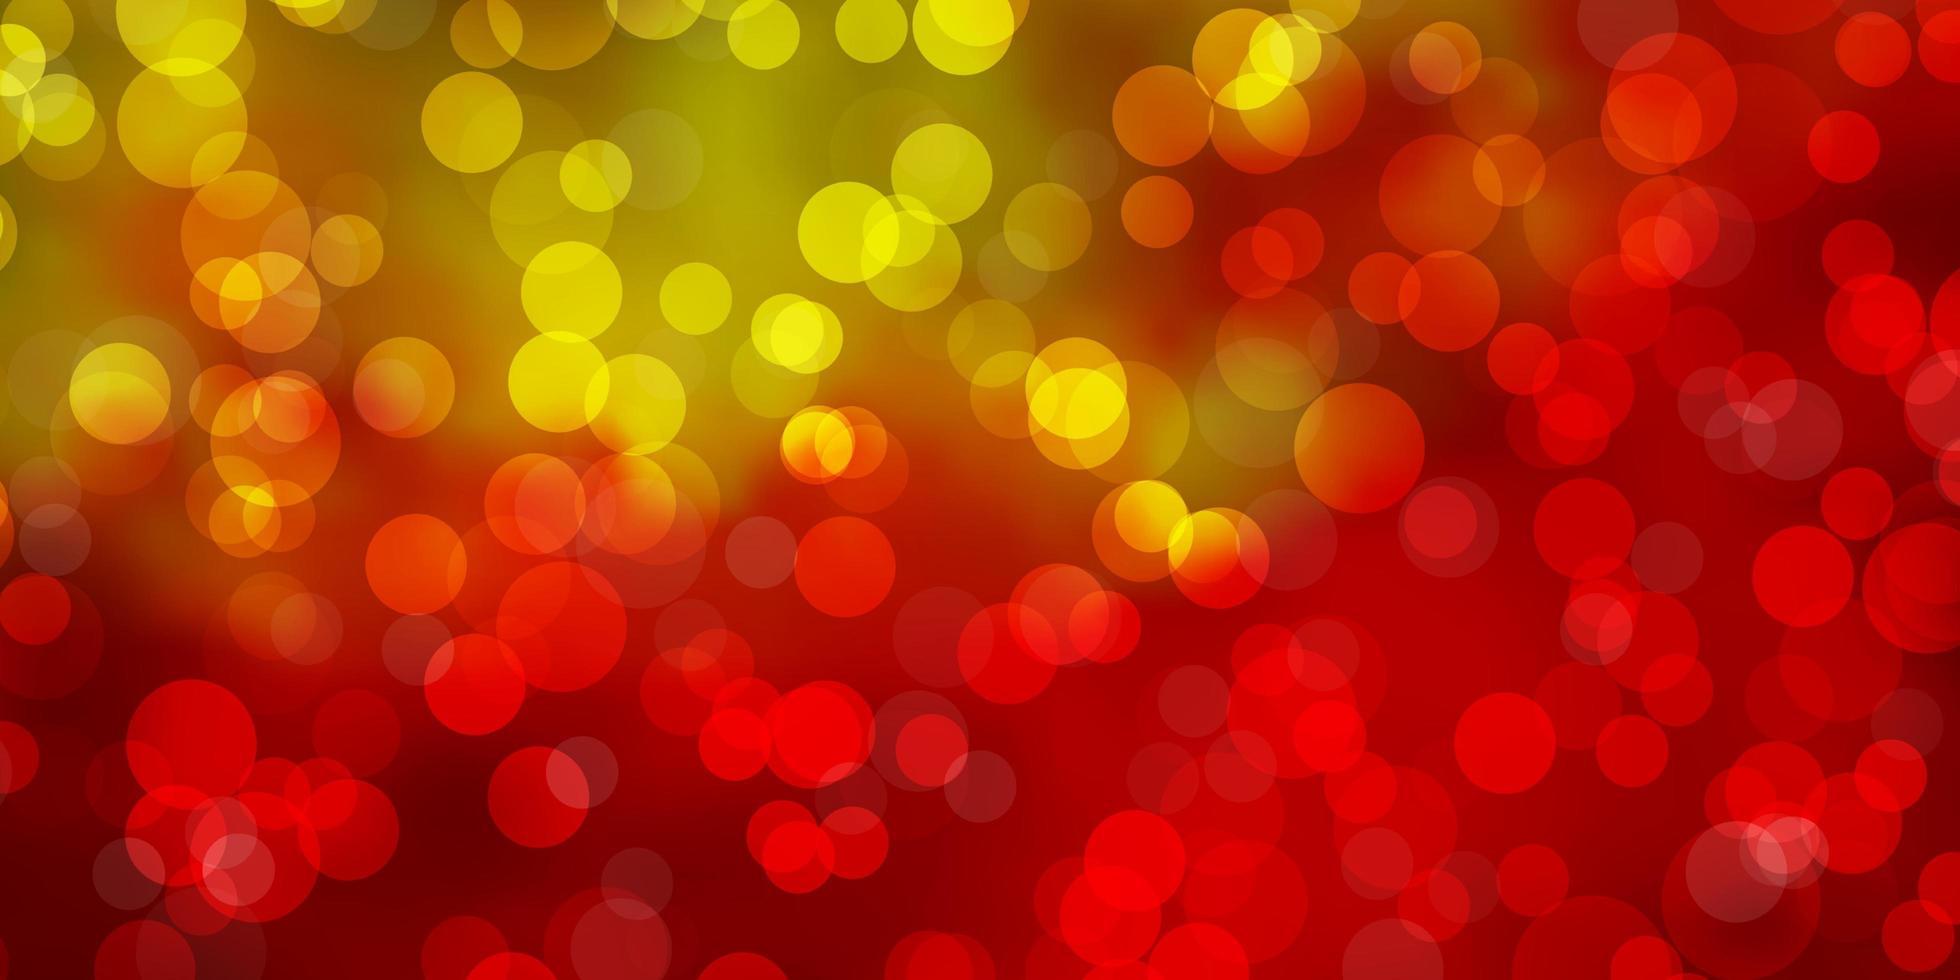 lichtrode, gele vectorlay-out met cirkelvormen. vector